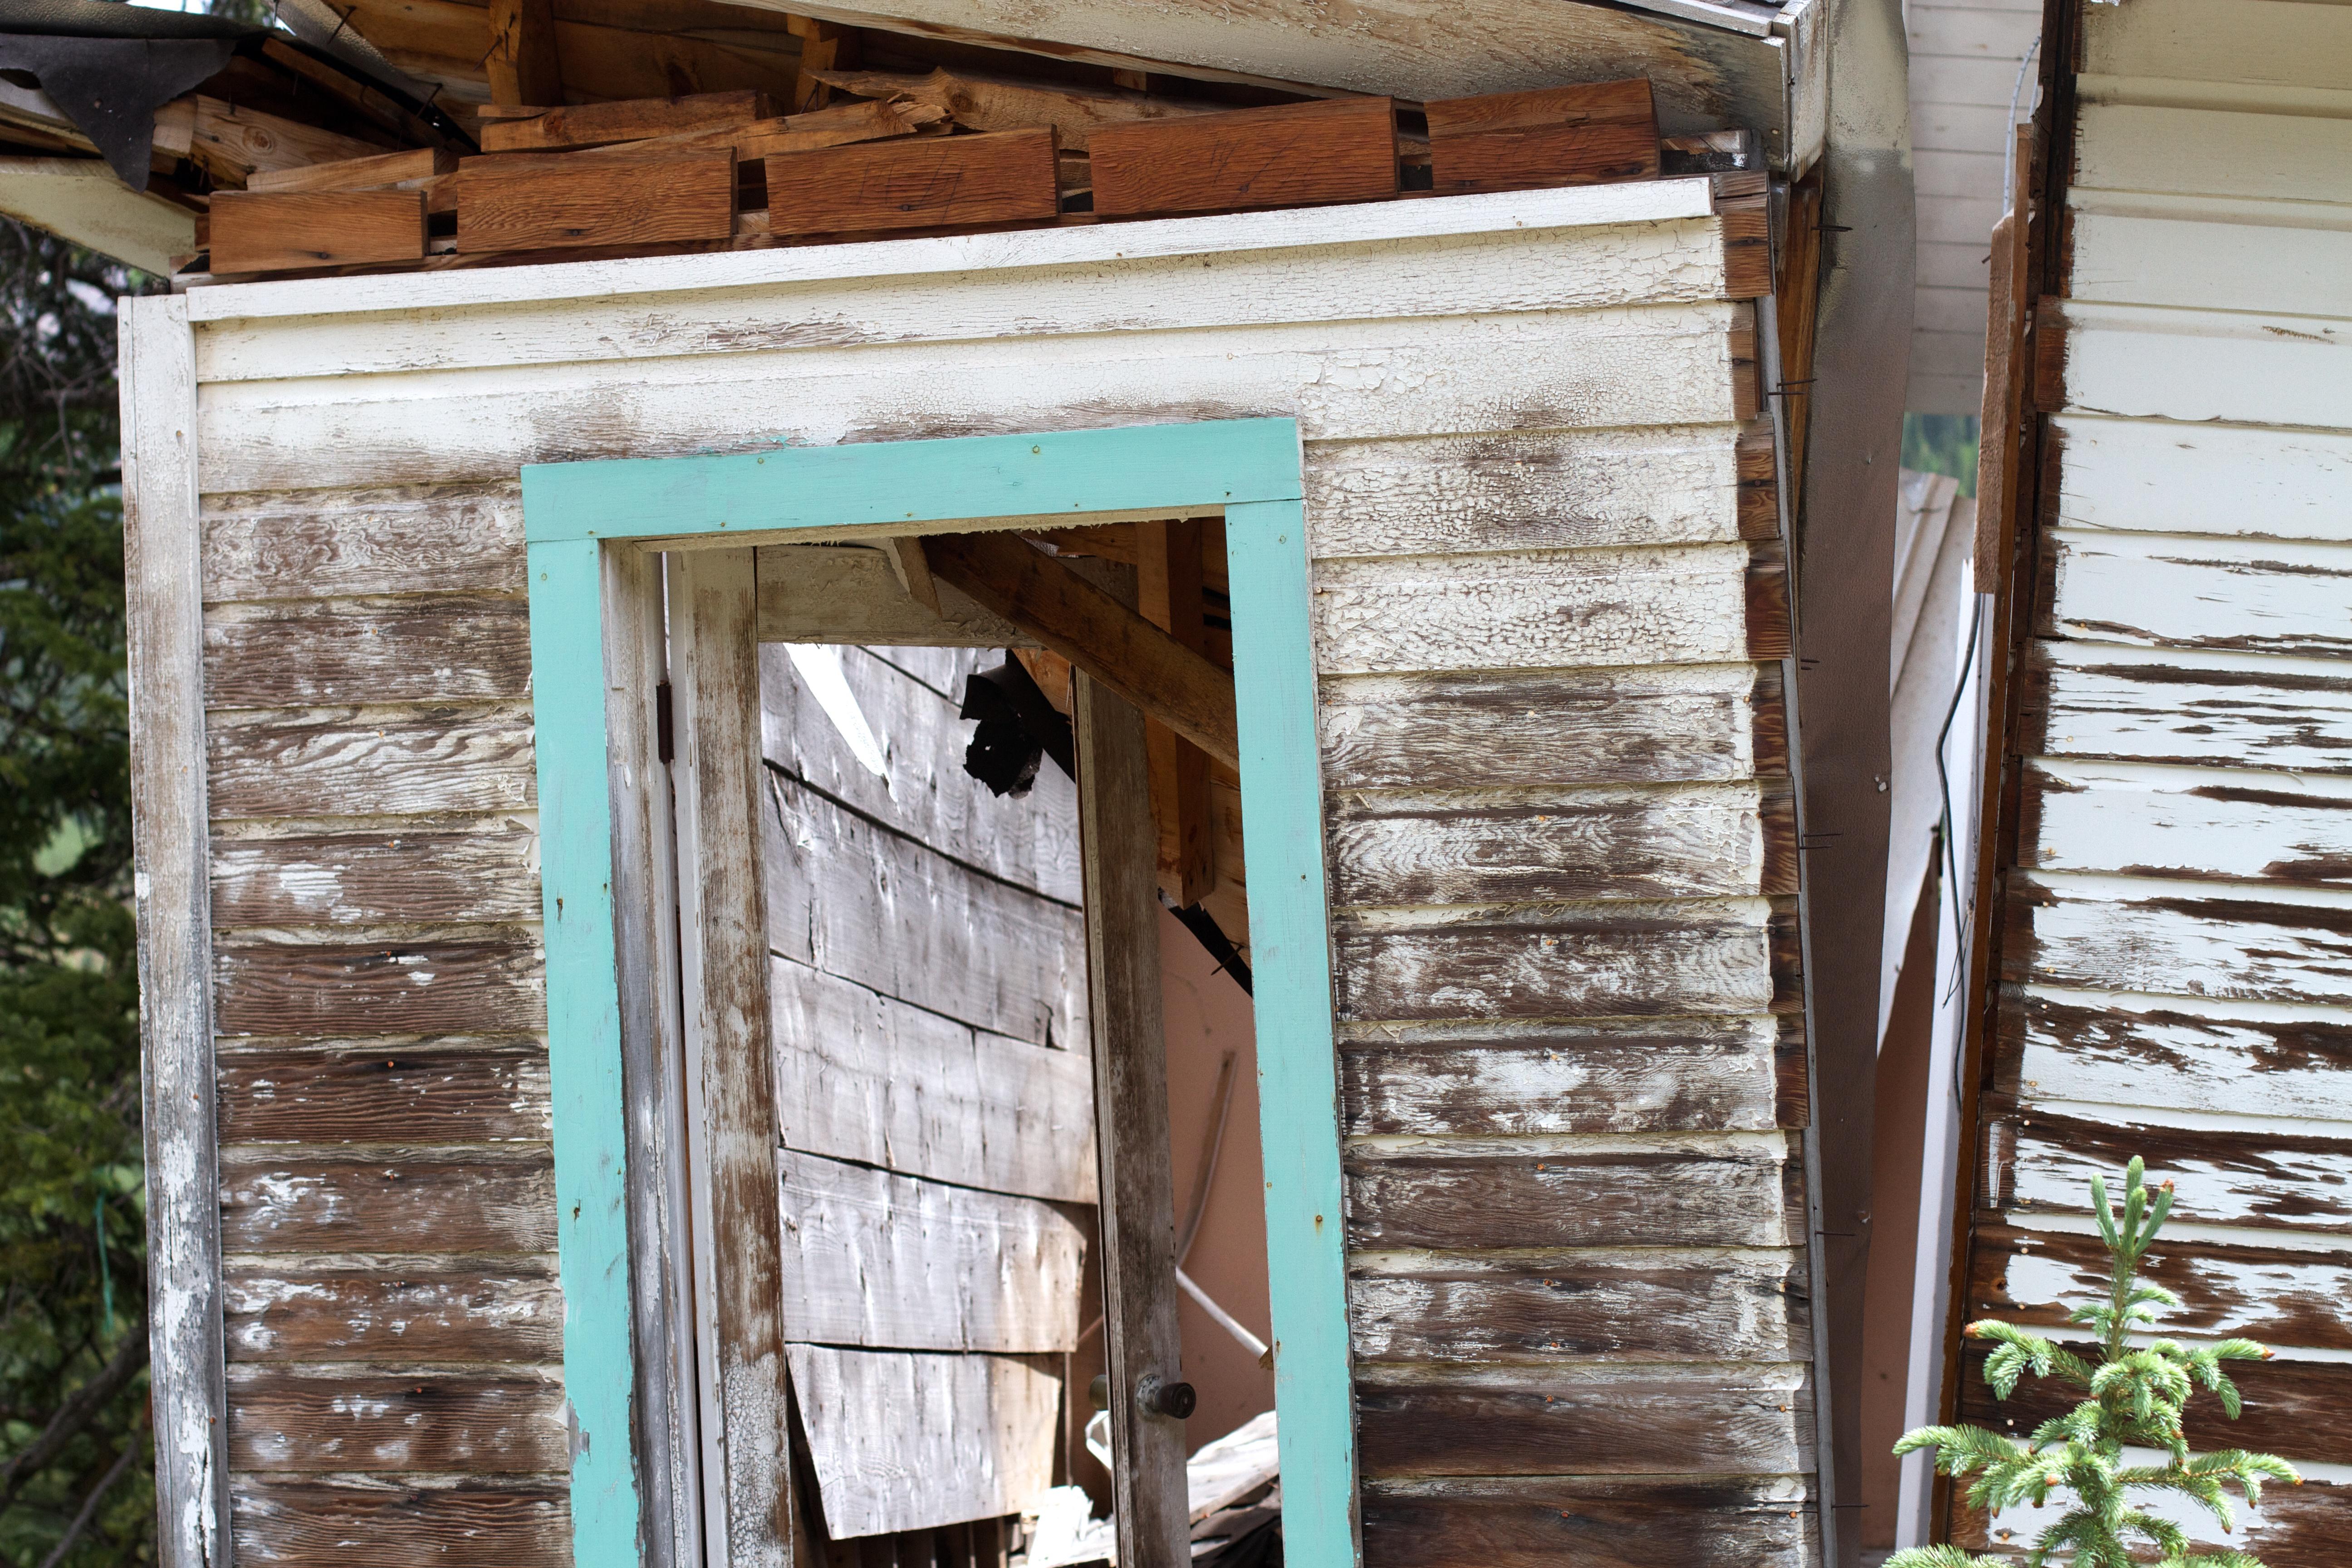 Images gratuites bois maison fen tre cabanon porche chalet arri re cour fa ade porte - Porte cabane bois ...